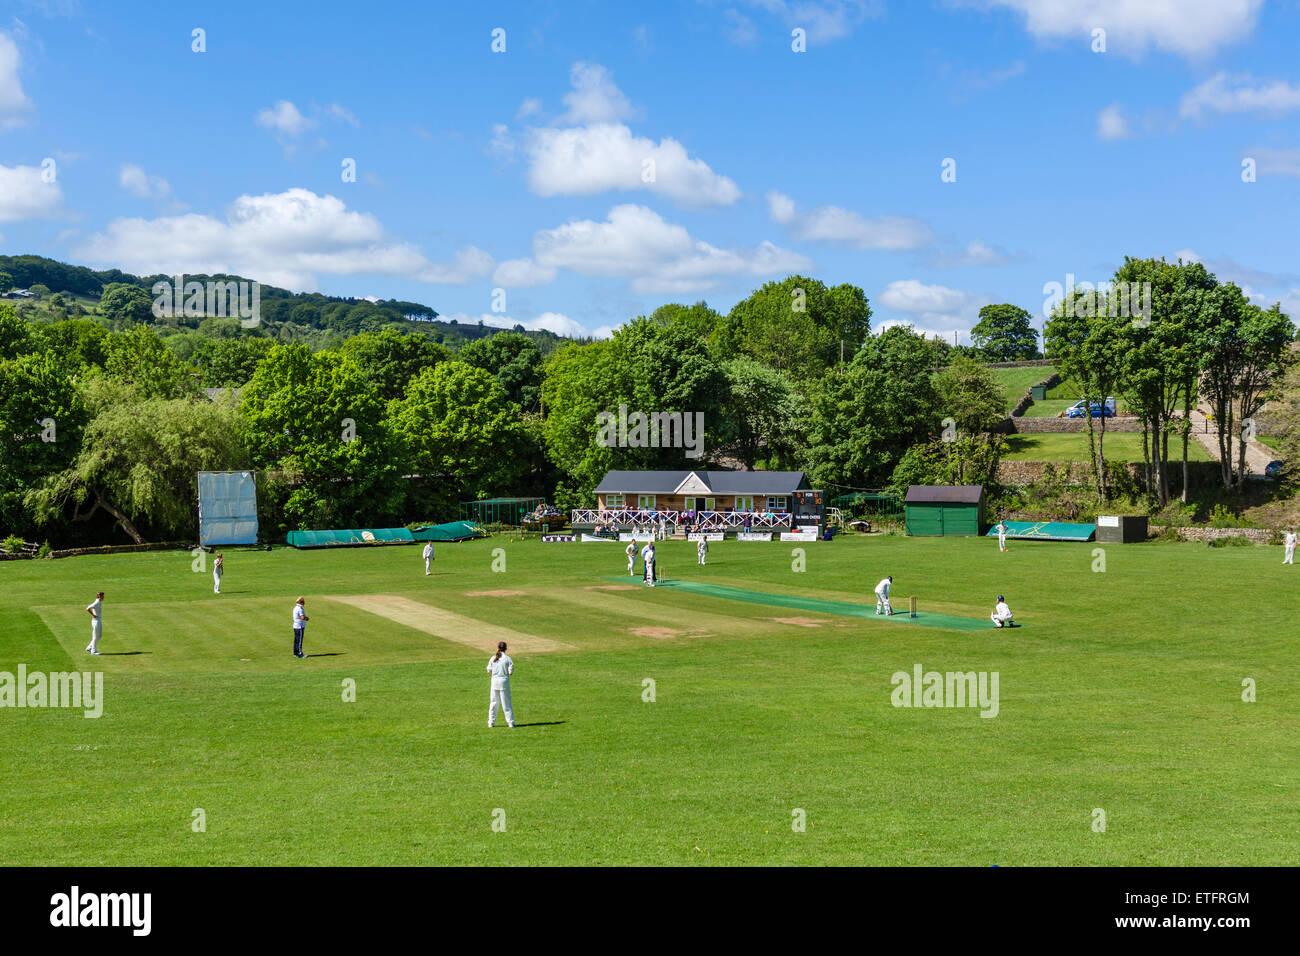 El domingo por la tarde el cricket en la aldea de baja Bradfield, distrito de Sheffield, South Yorkshire, Inglaterra, Imagen De Stock